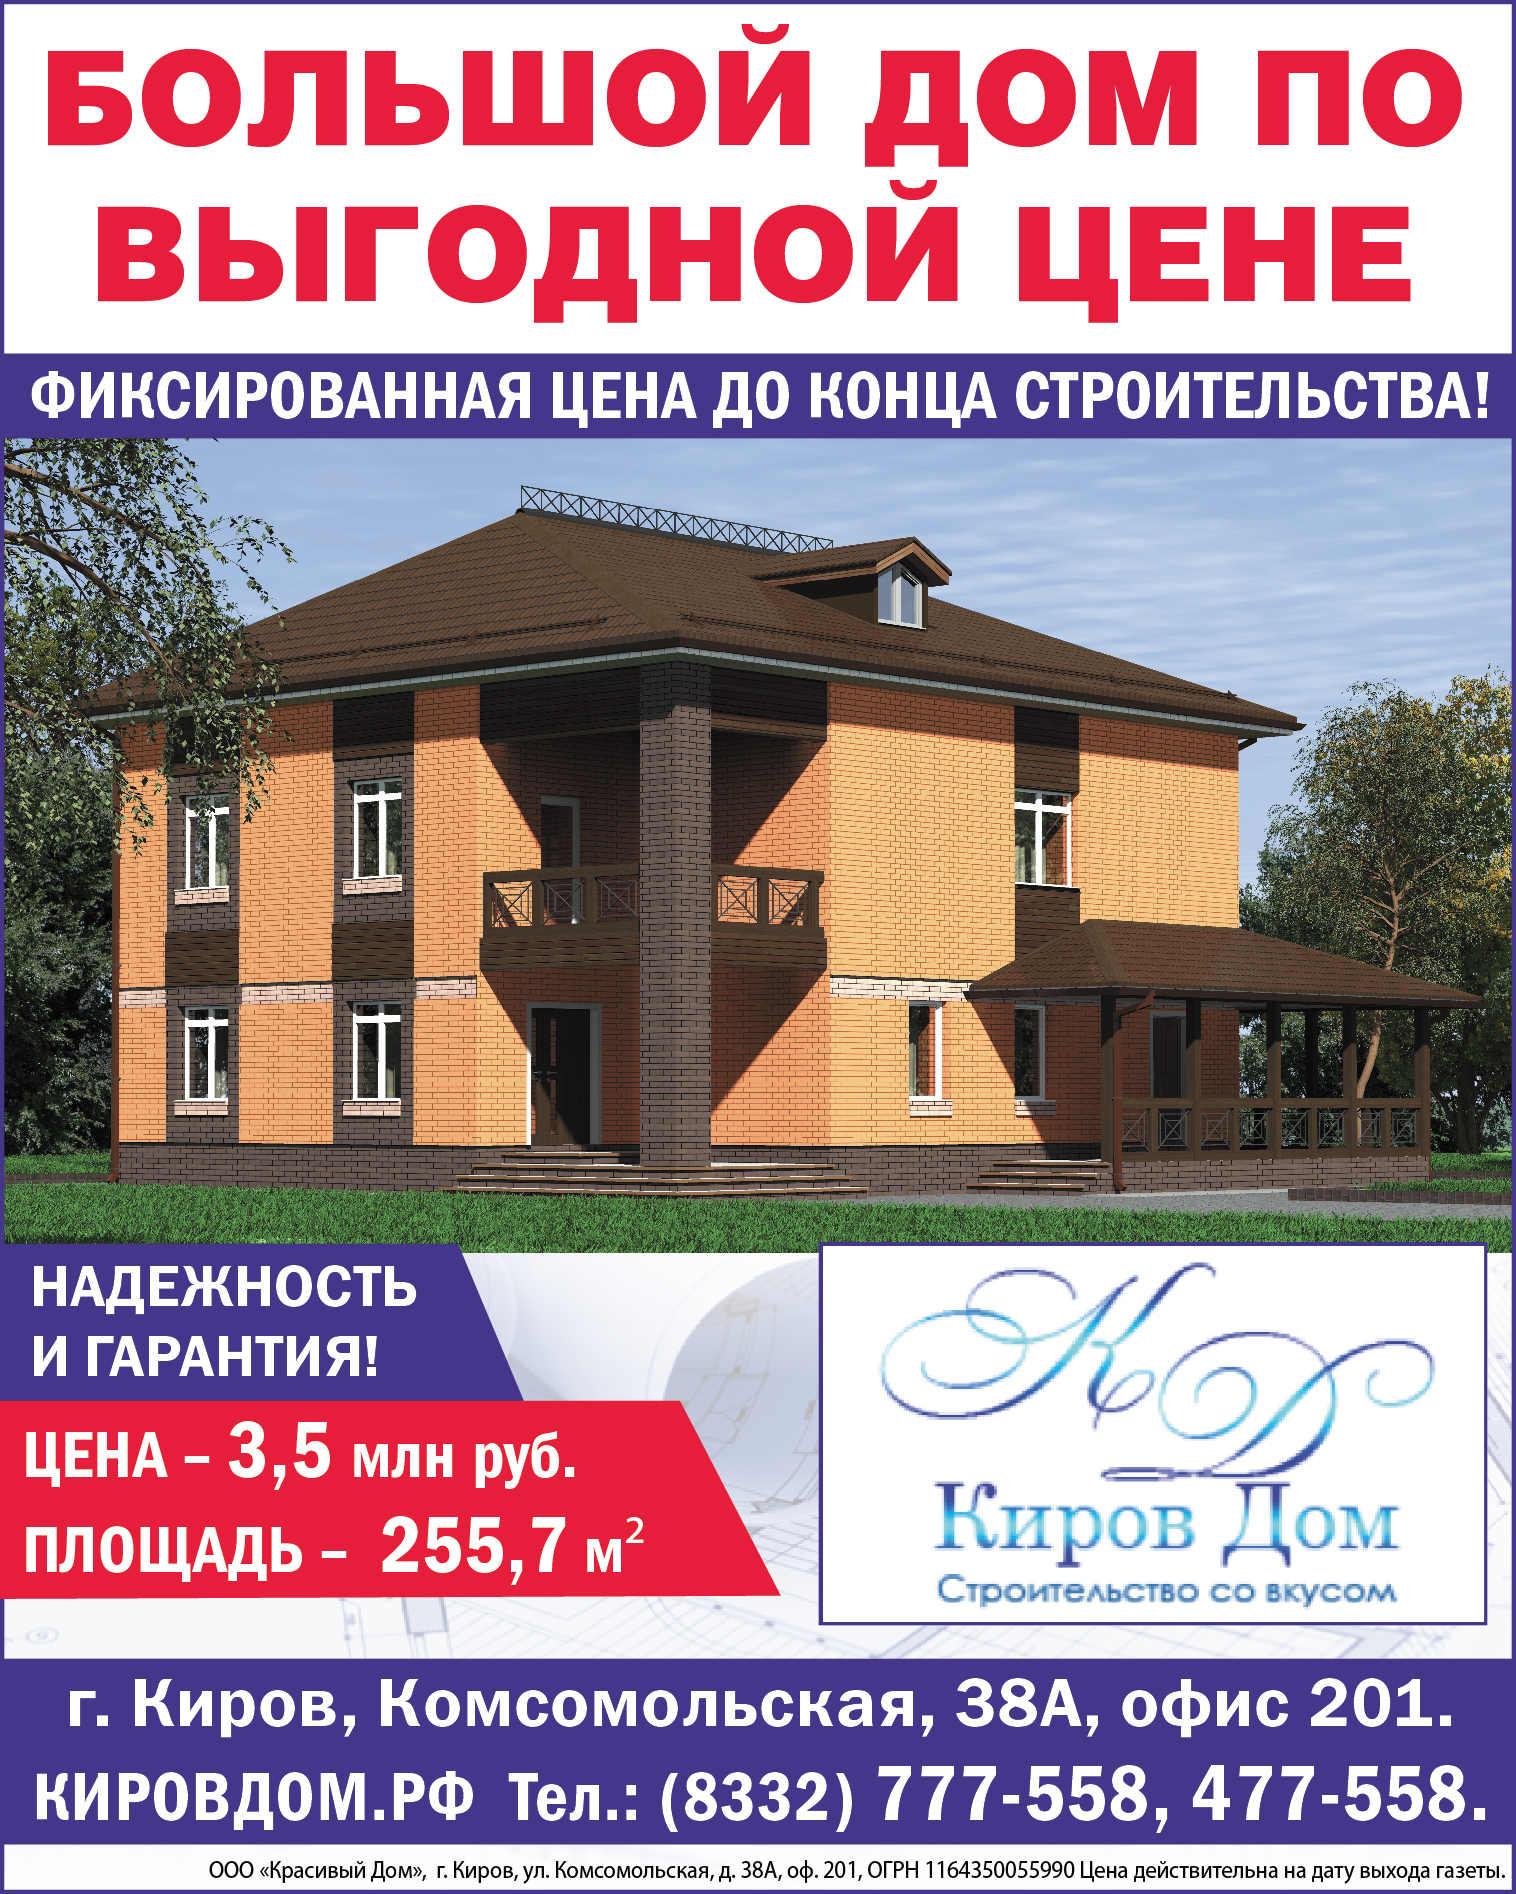 киров дом: